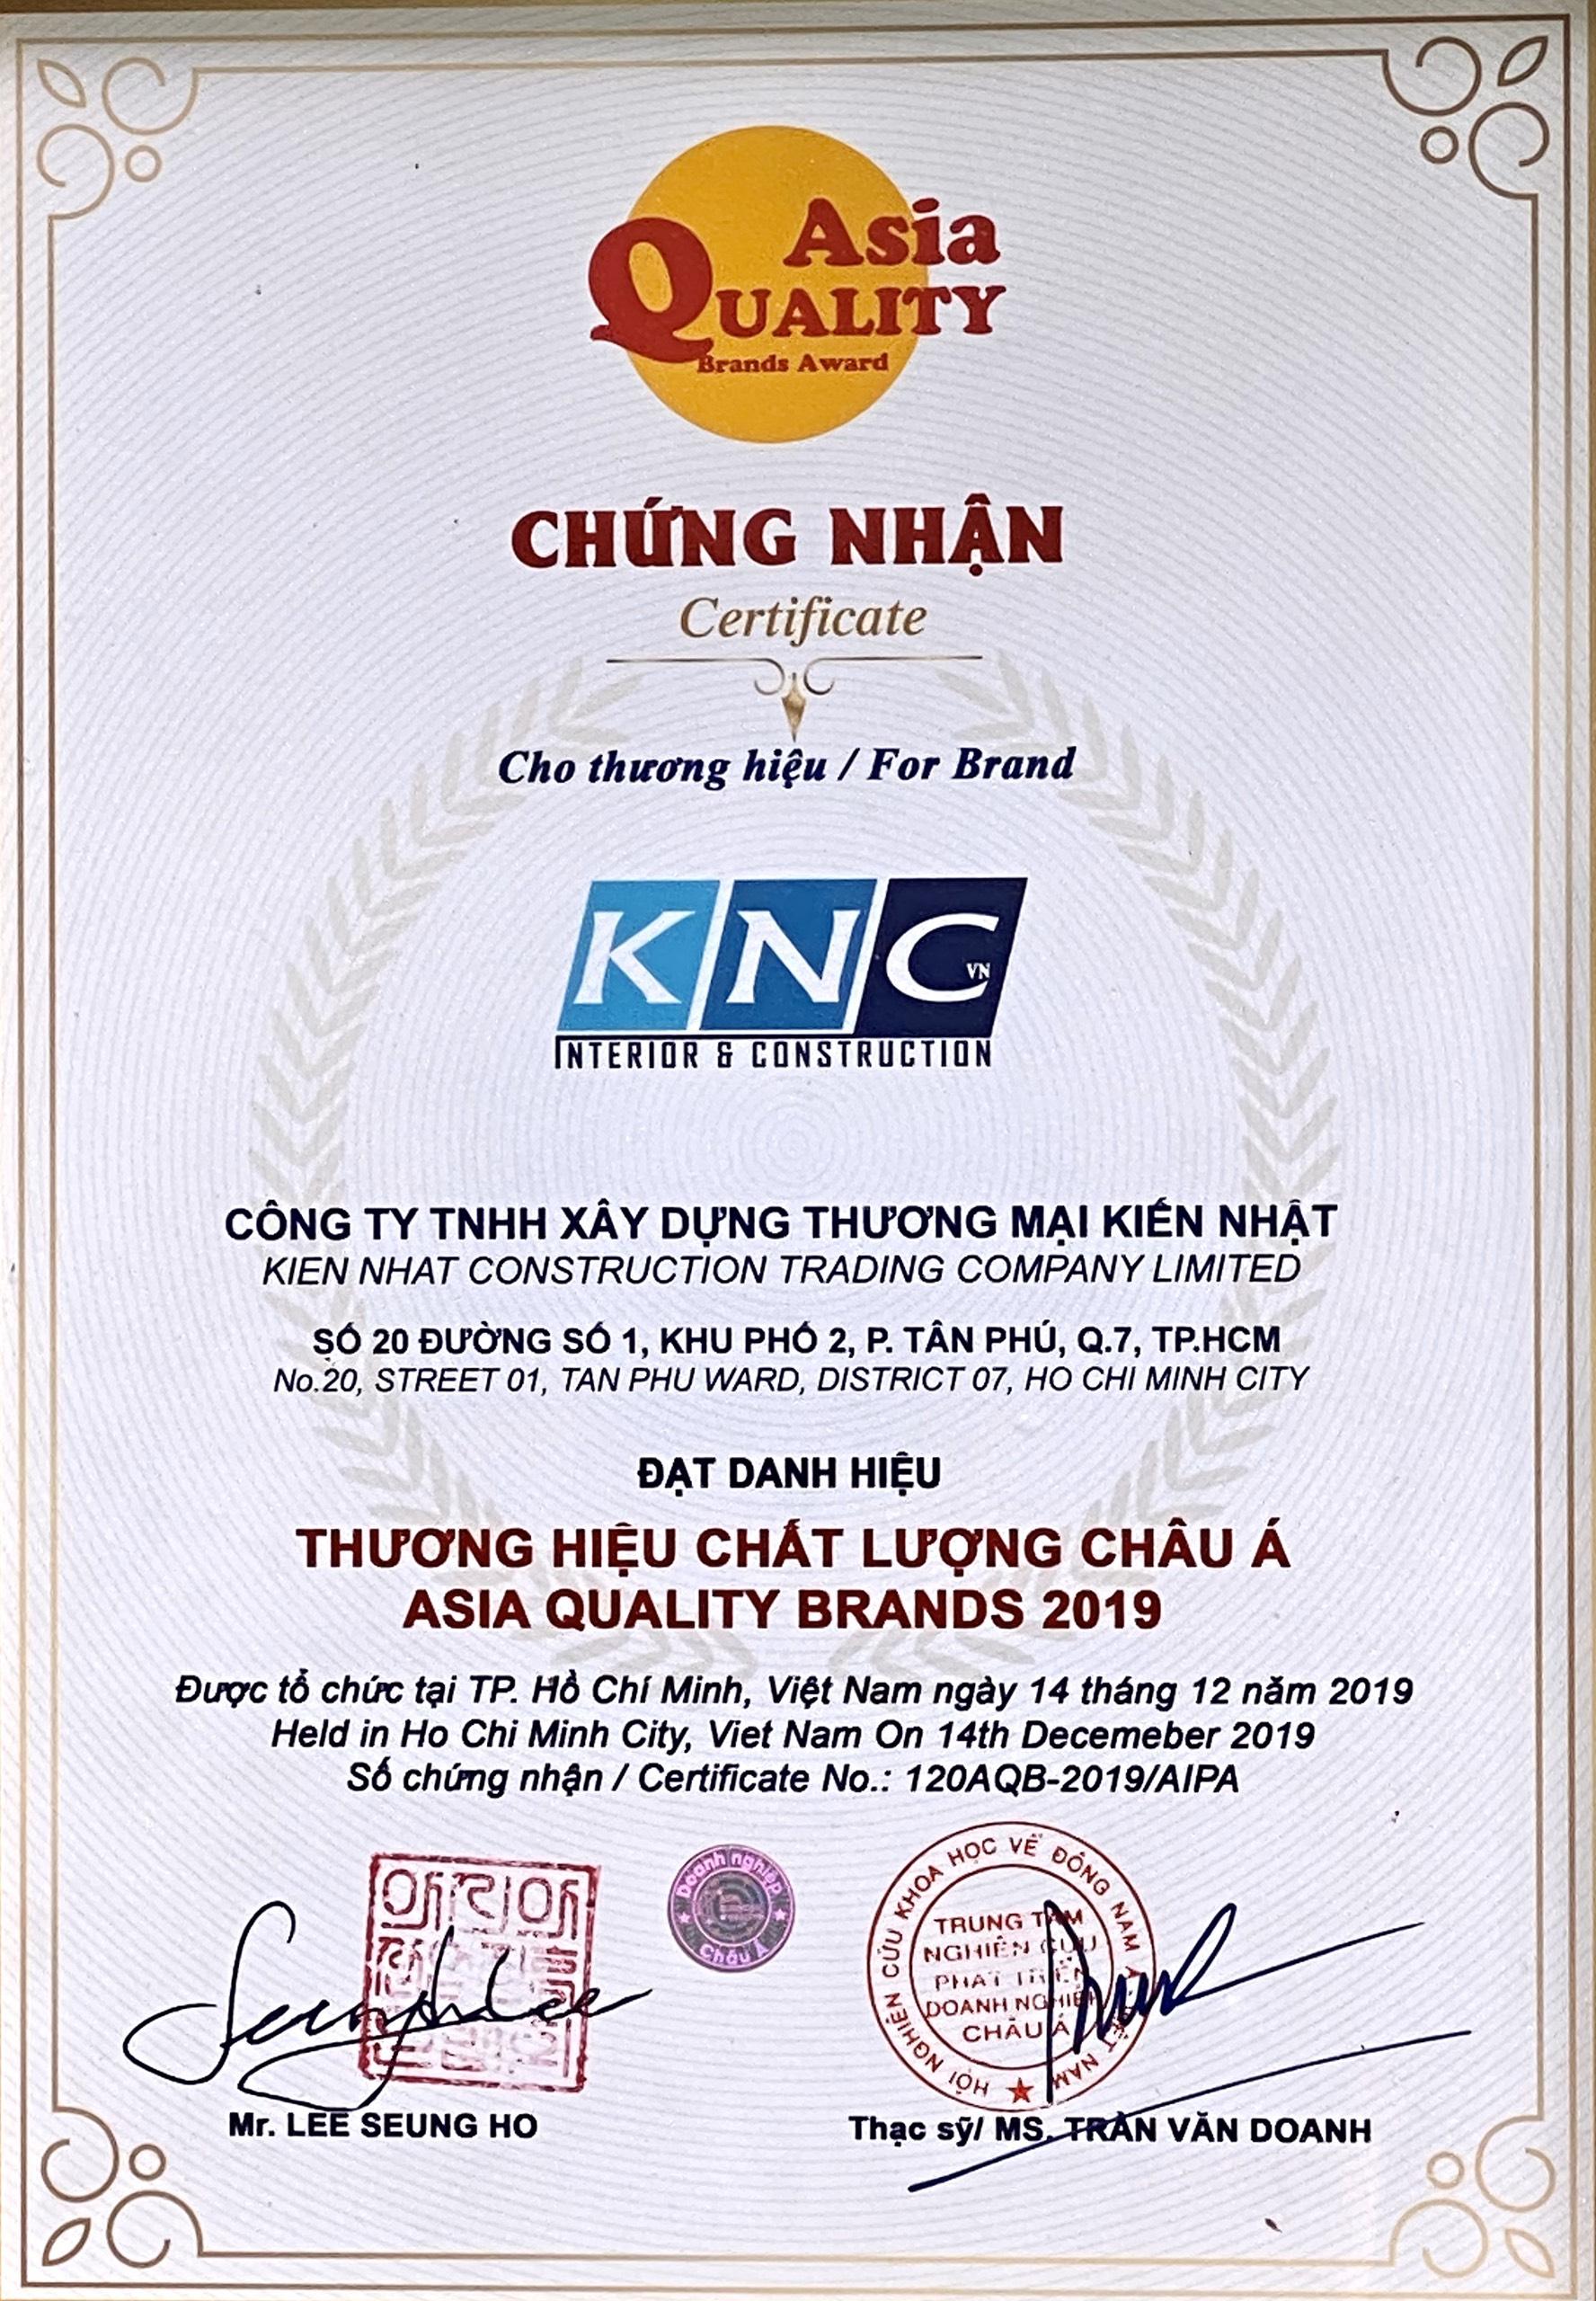 kien-nhat-thuong-hieu-chat-luong-chau-a